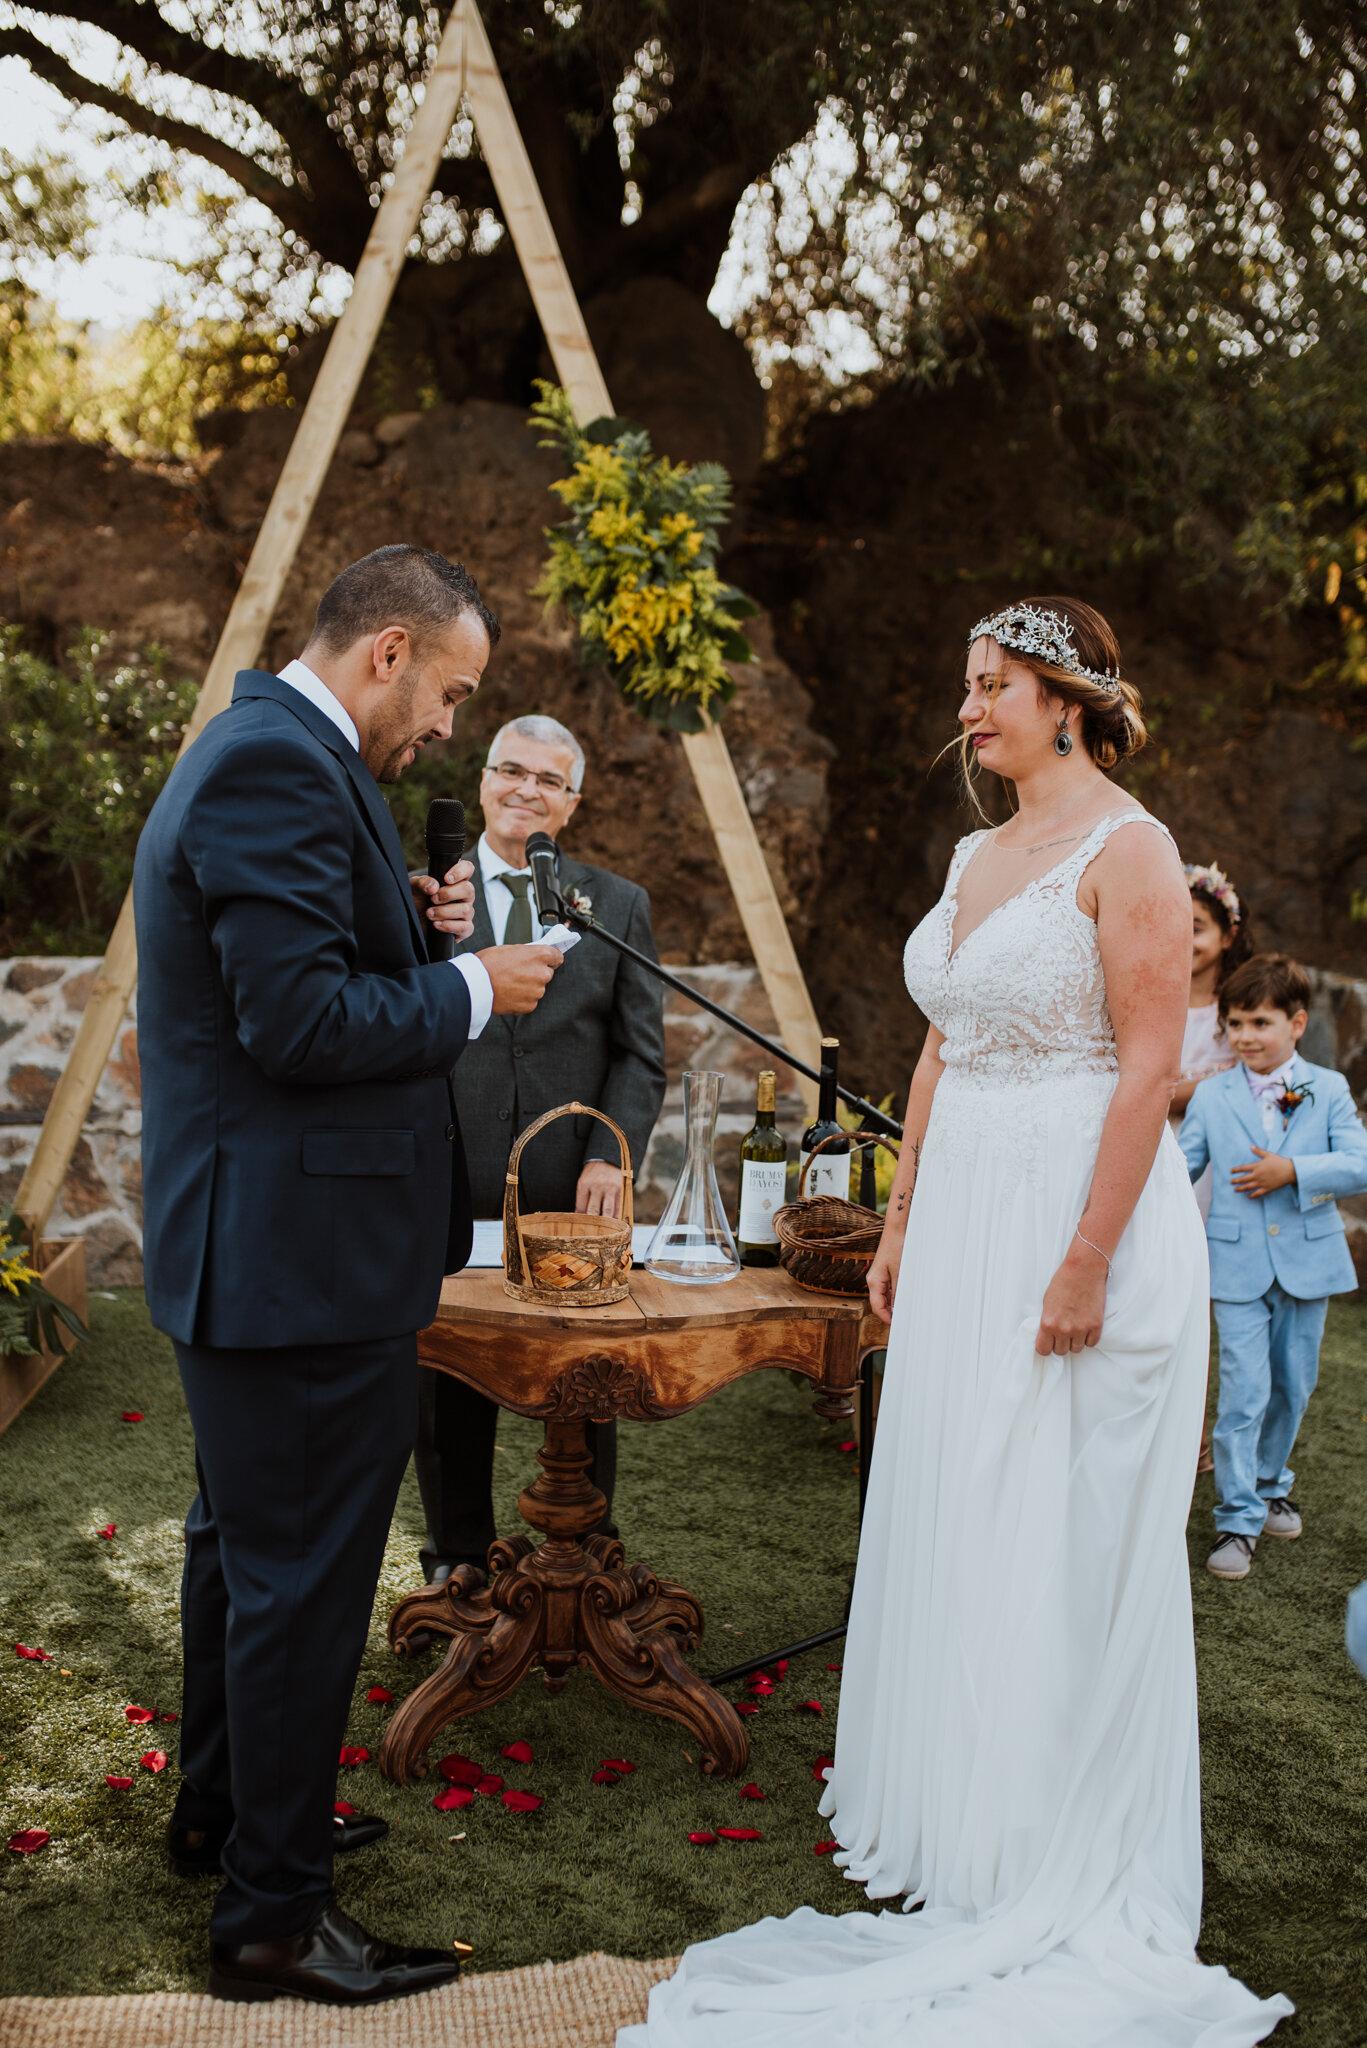 fotografo de bodas las palmas_-65.jpg